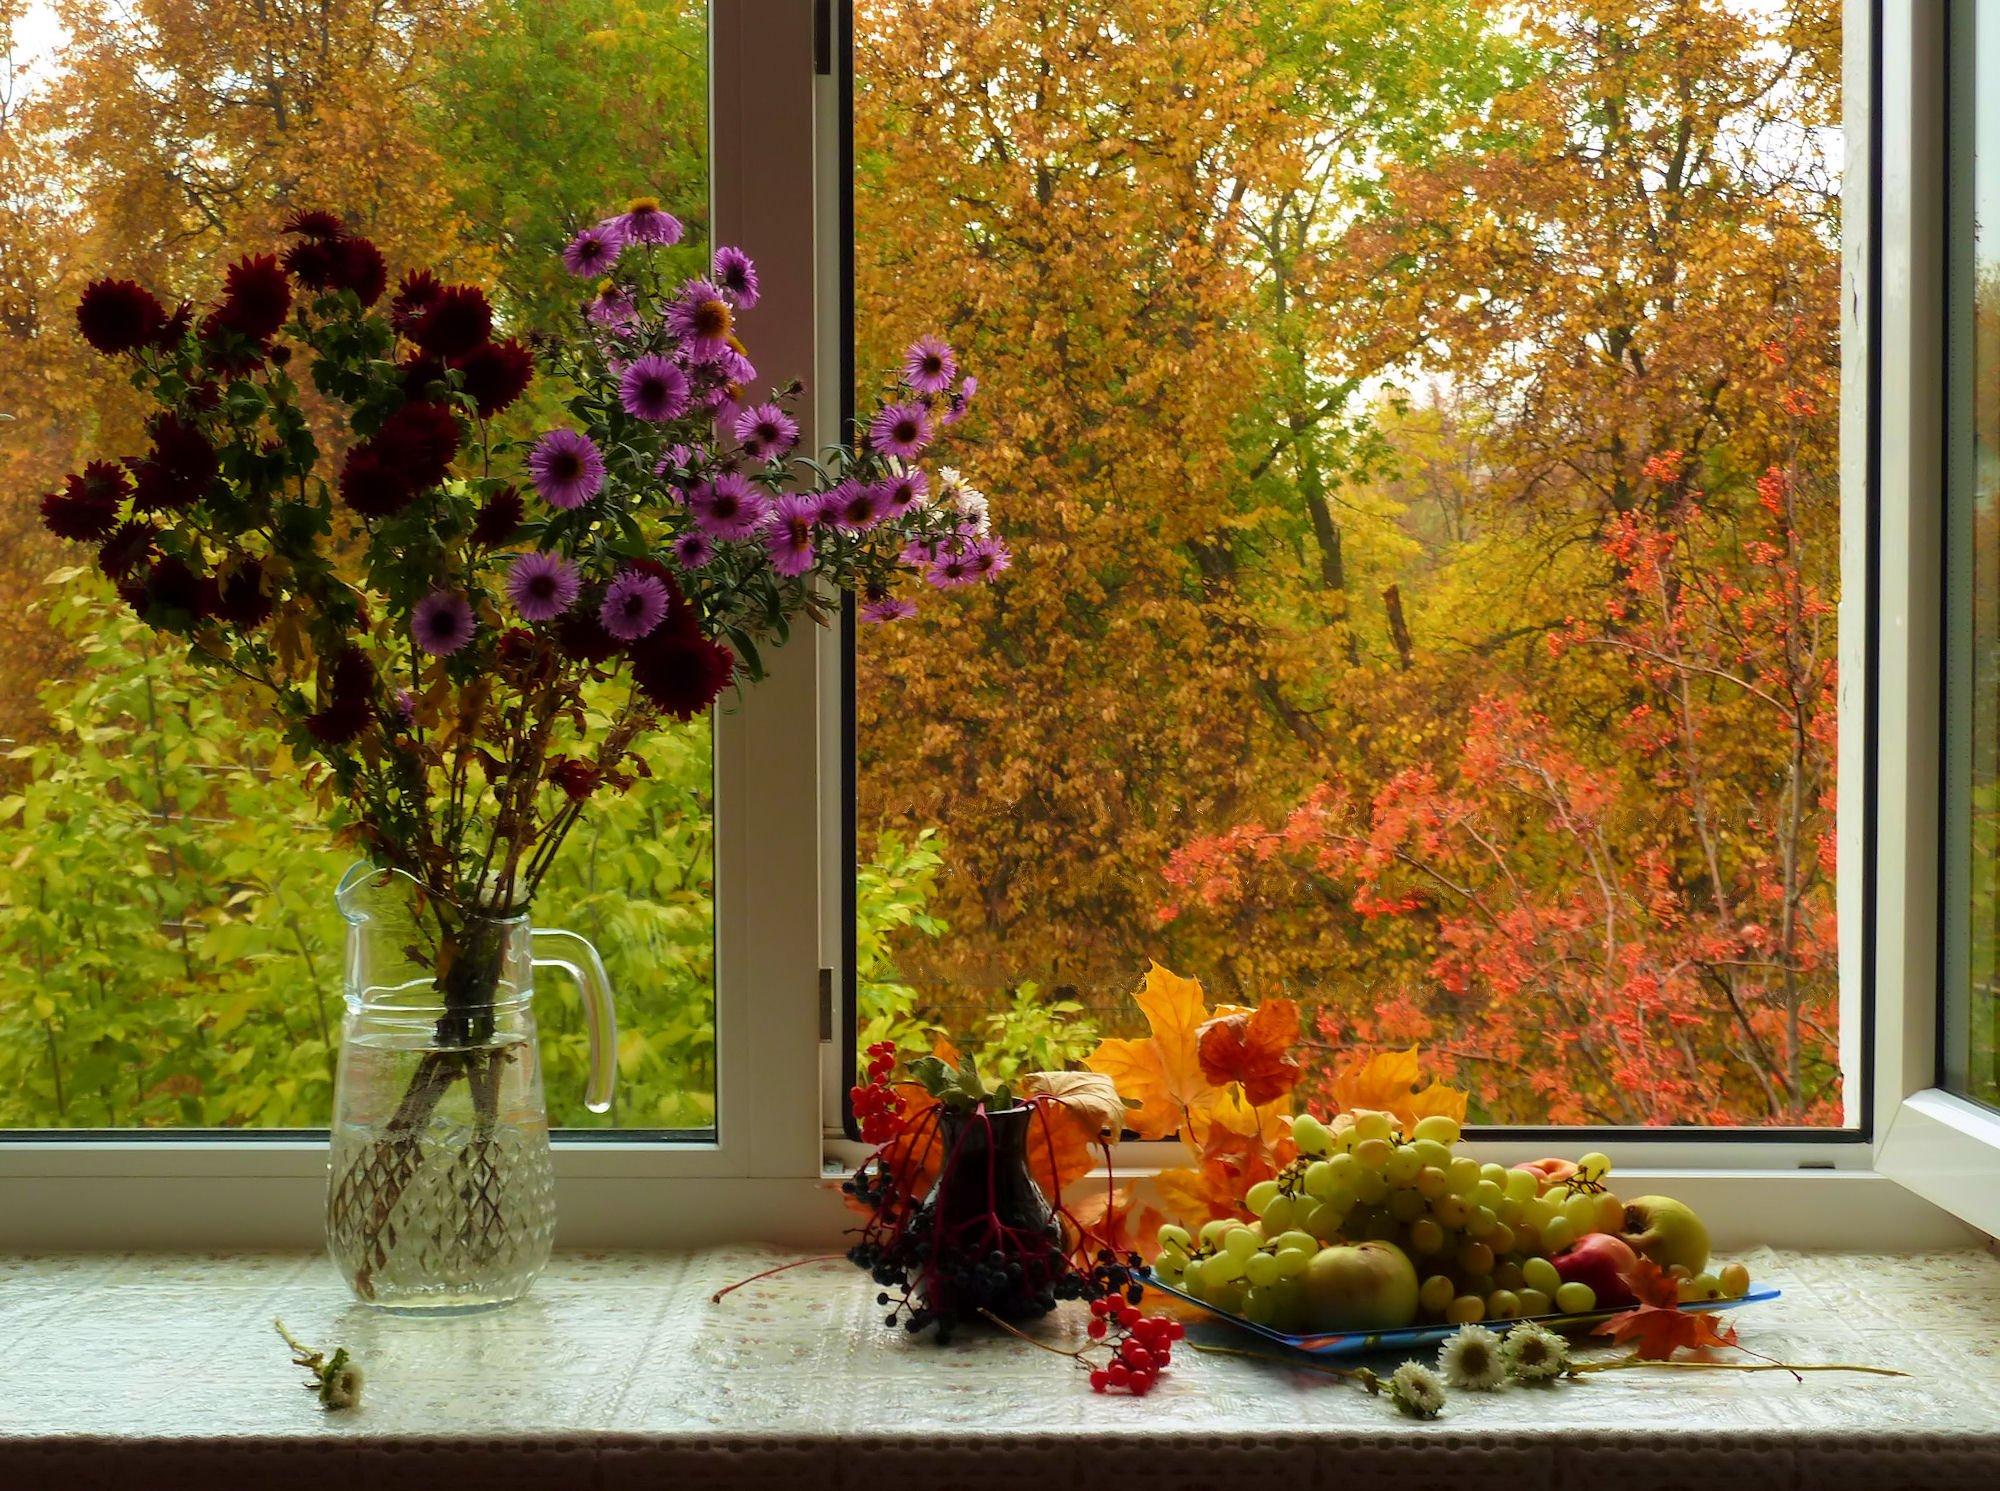 том, что добрый воскресный день картинки красивые осенние маниту представляет